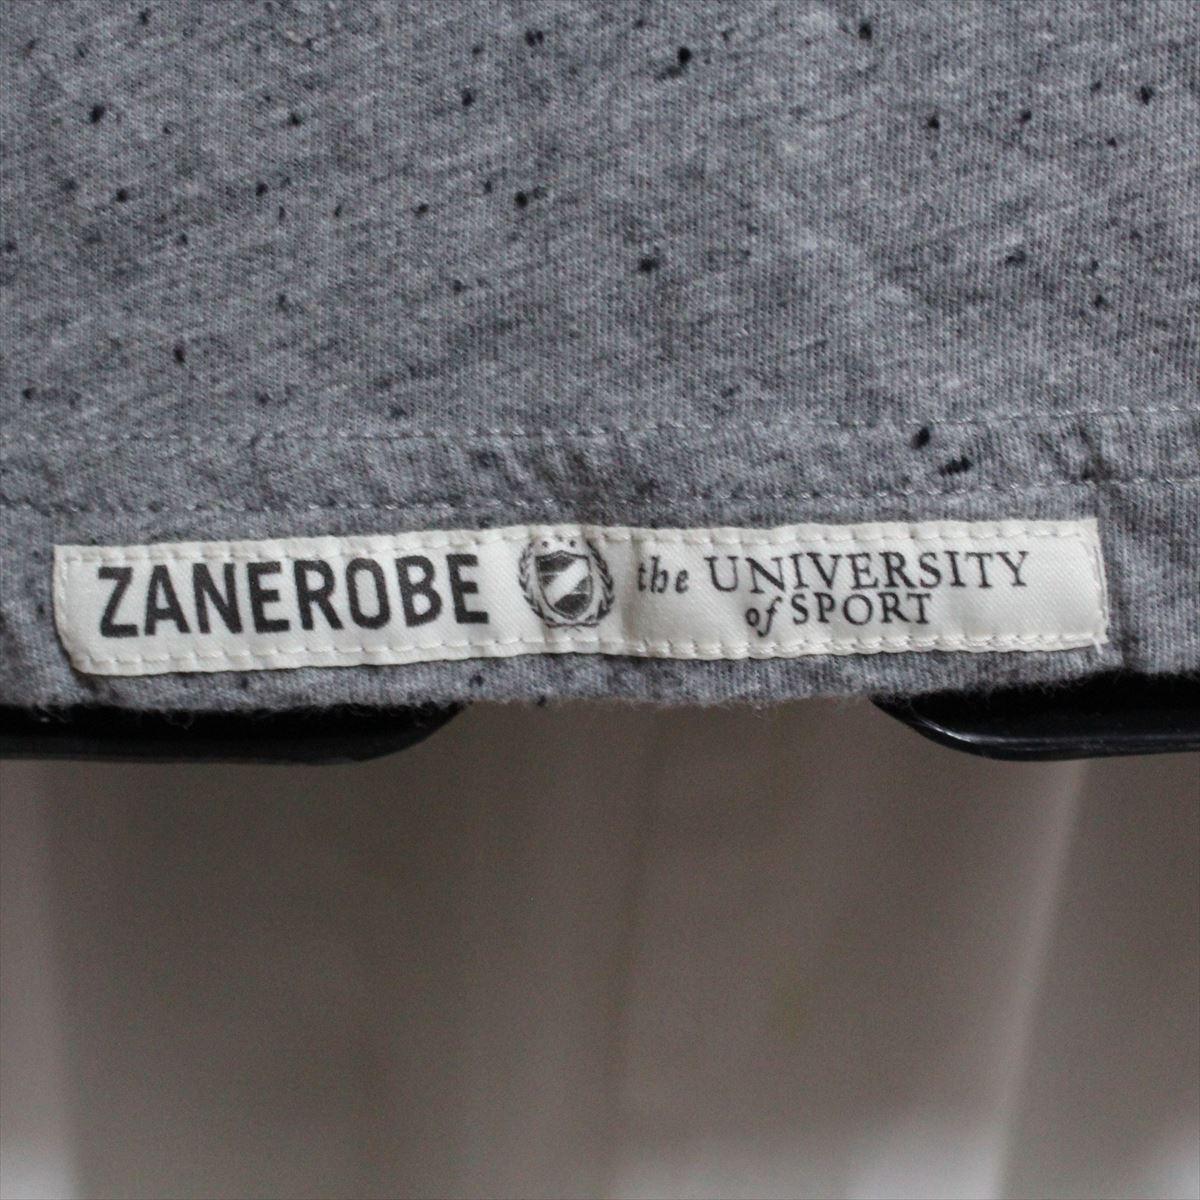 ゼインローブ ZANEROBE メンズ半袖Tシャツ グレー Sサイズ 新品 ESQUIL_画像5